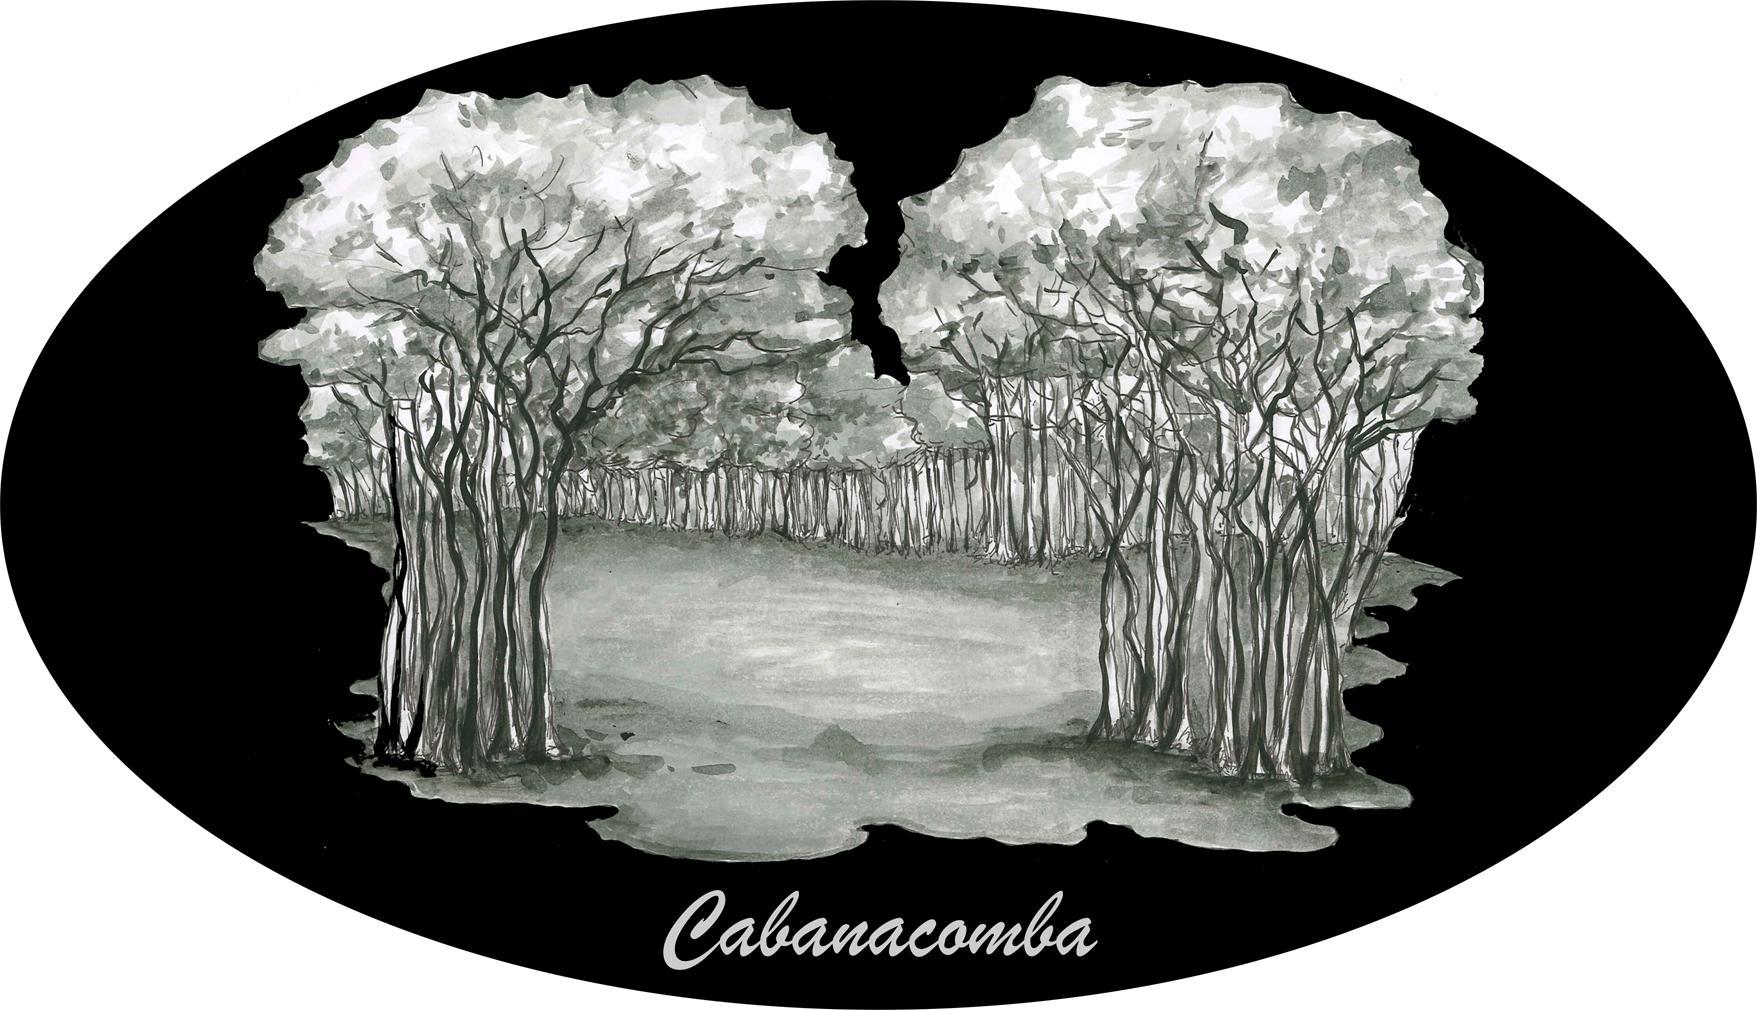 Cabanacomba, S.L.